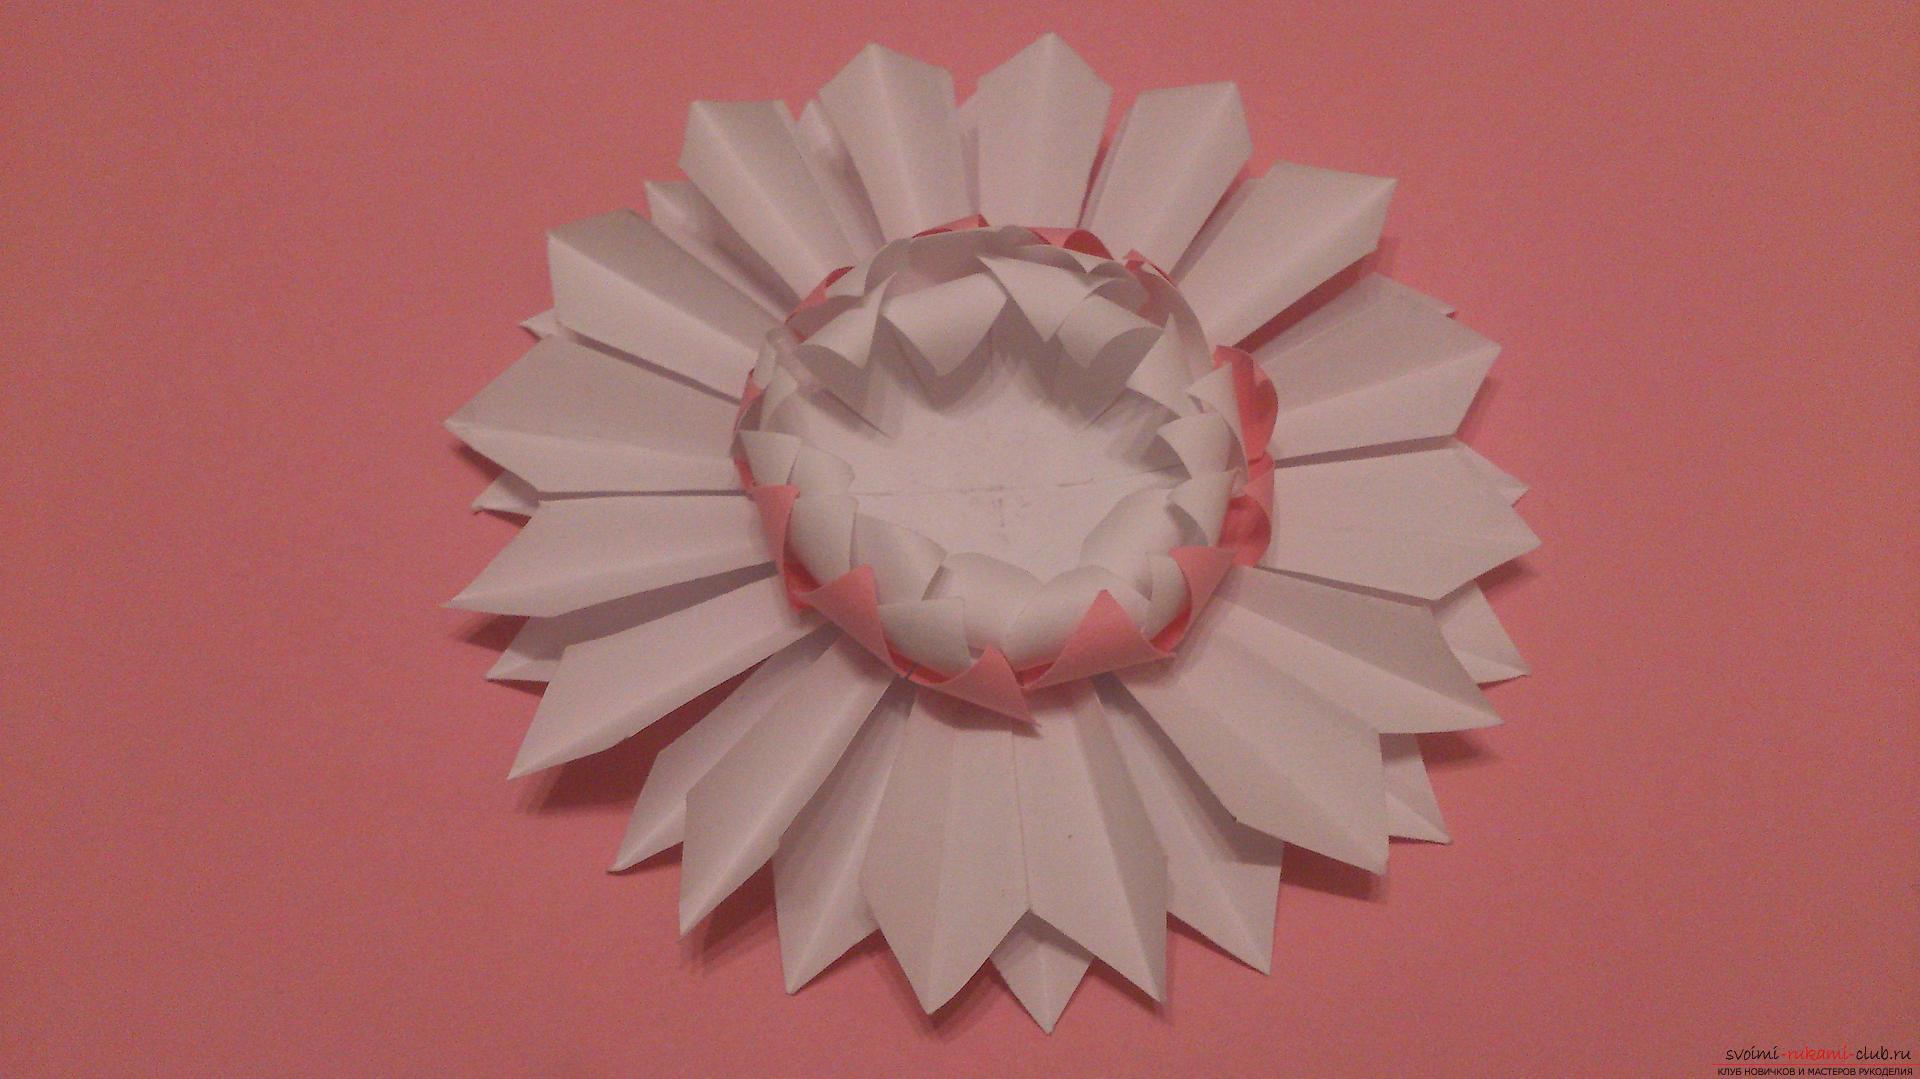 Поделки в технике бумагопластики очень разнообразны, предлагаем сделать картину из цветов, а цветы из бумаги изготовим своими руками.. Фото №11